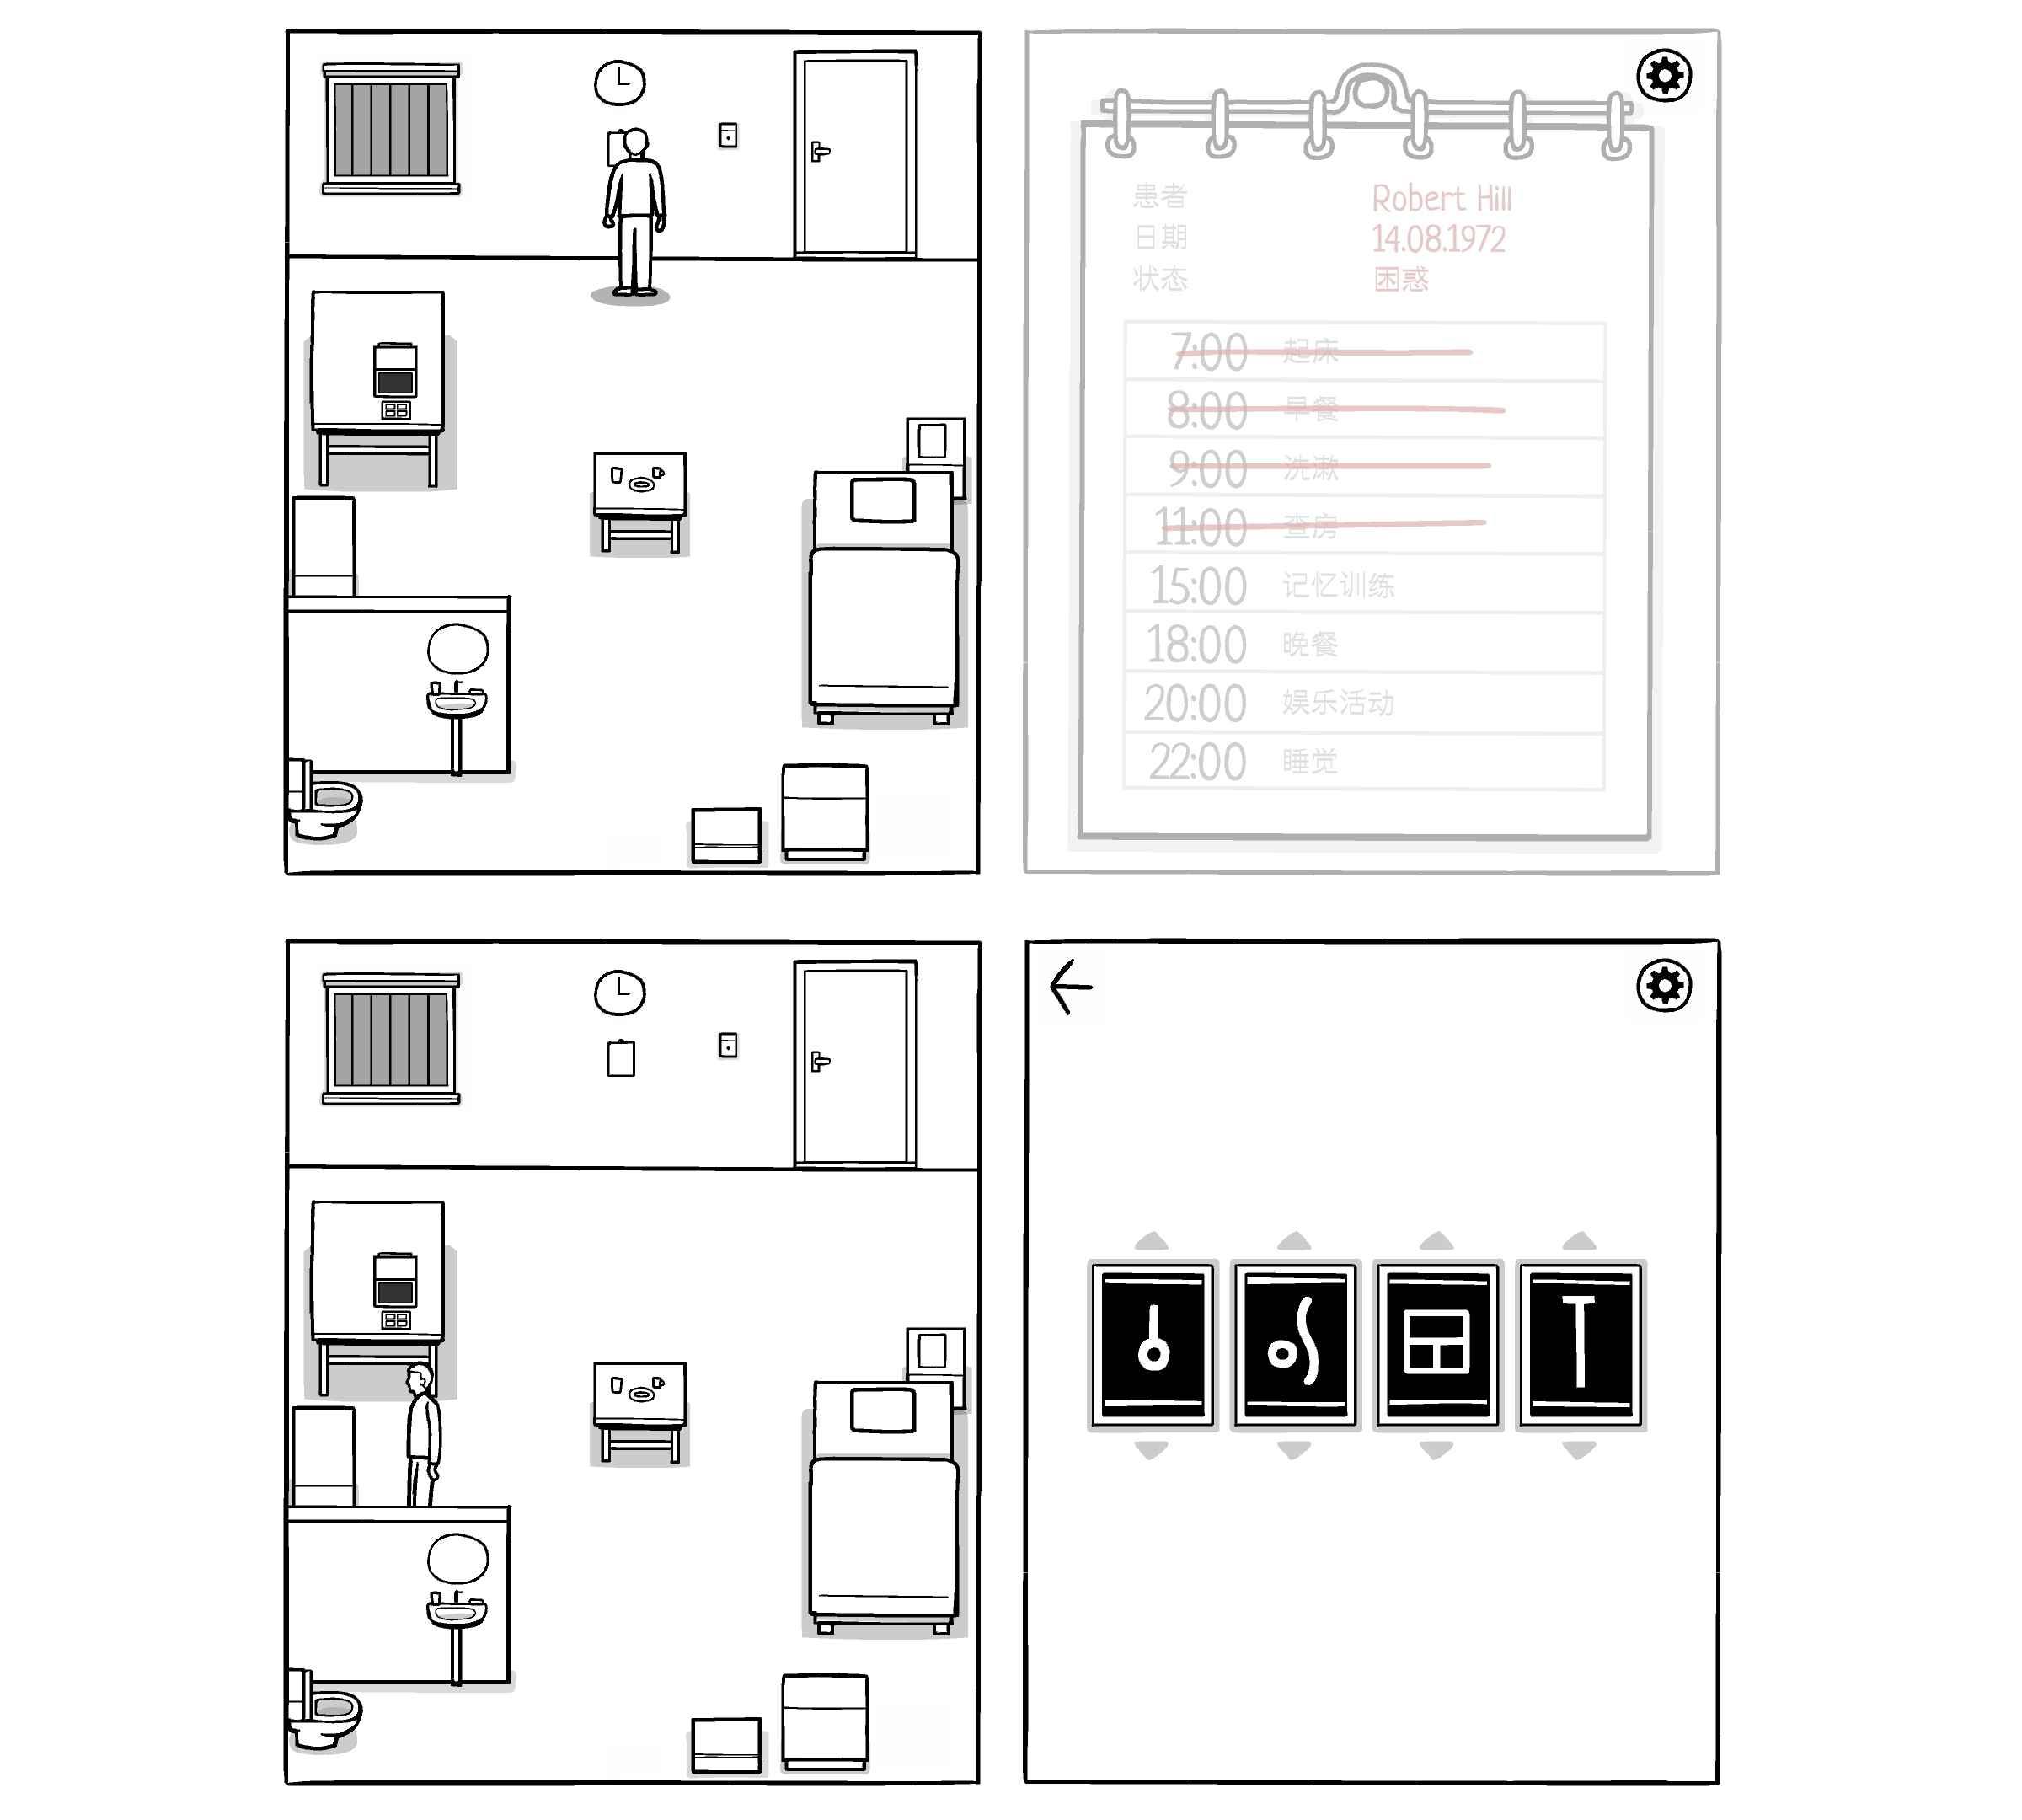 烧脑的解谜游戏 白色之门,74d0009db6d4340b.jpg,烧脑,谜题,游戏,第1张